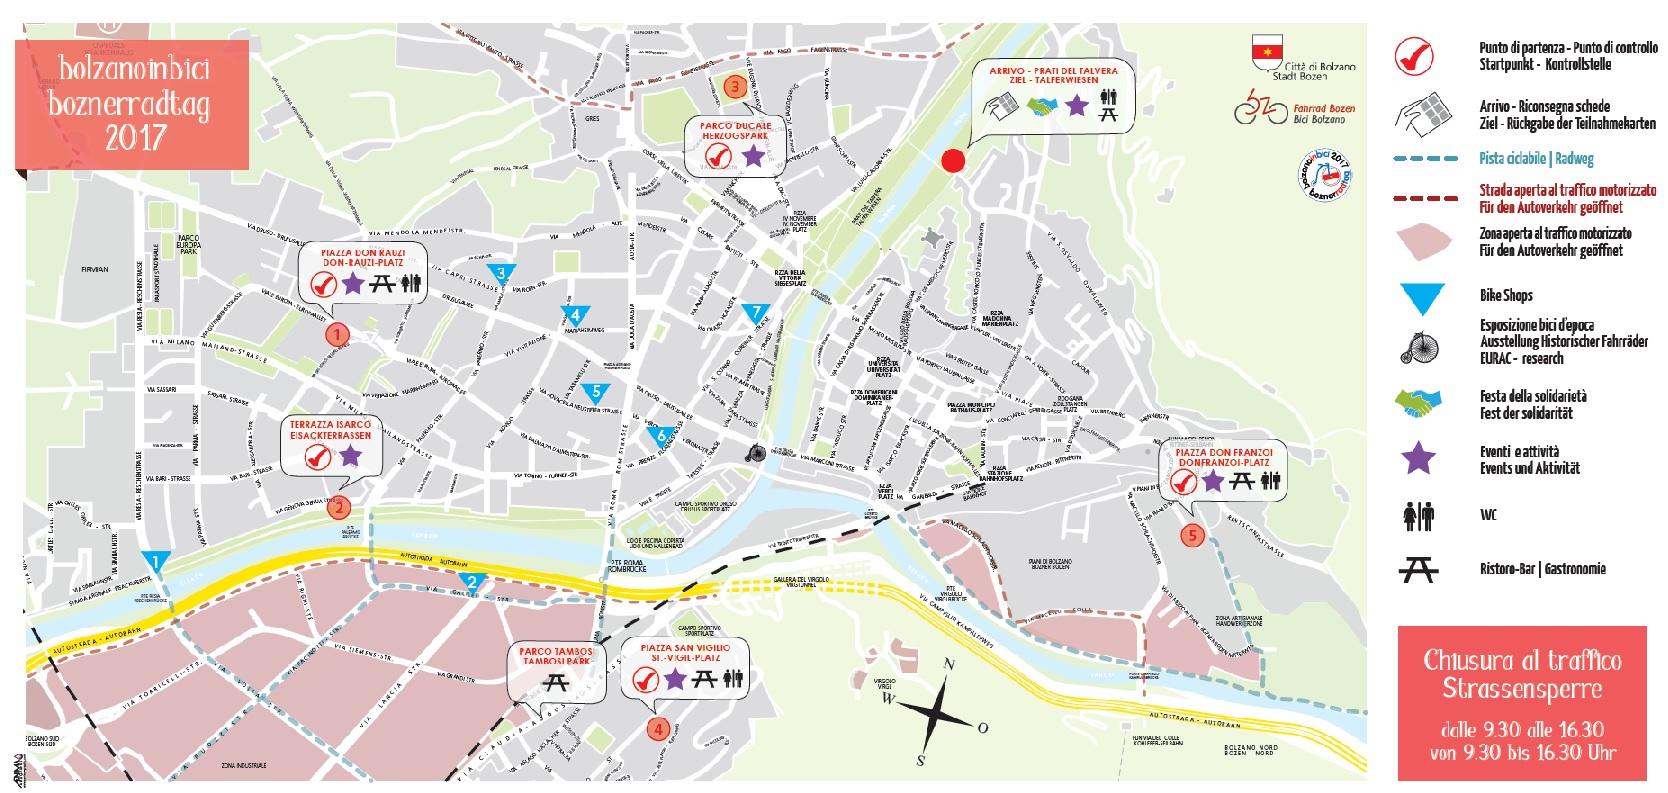 Bolzano Cartina.Bolzanoinbici Ecco La Mappa Delle Strade Chiuse Al Traffico